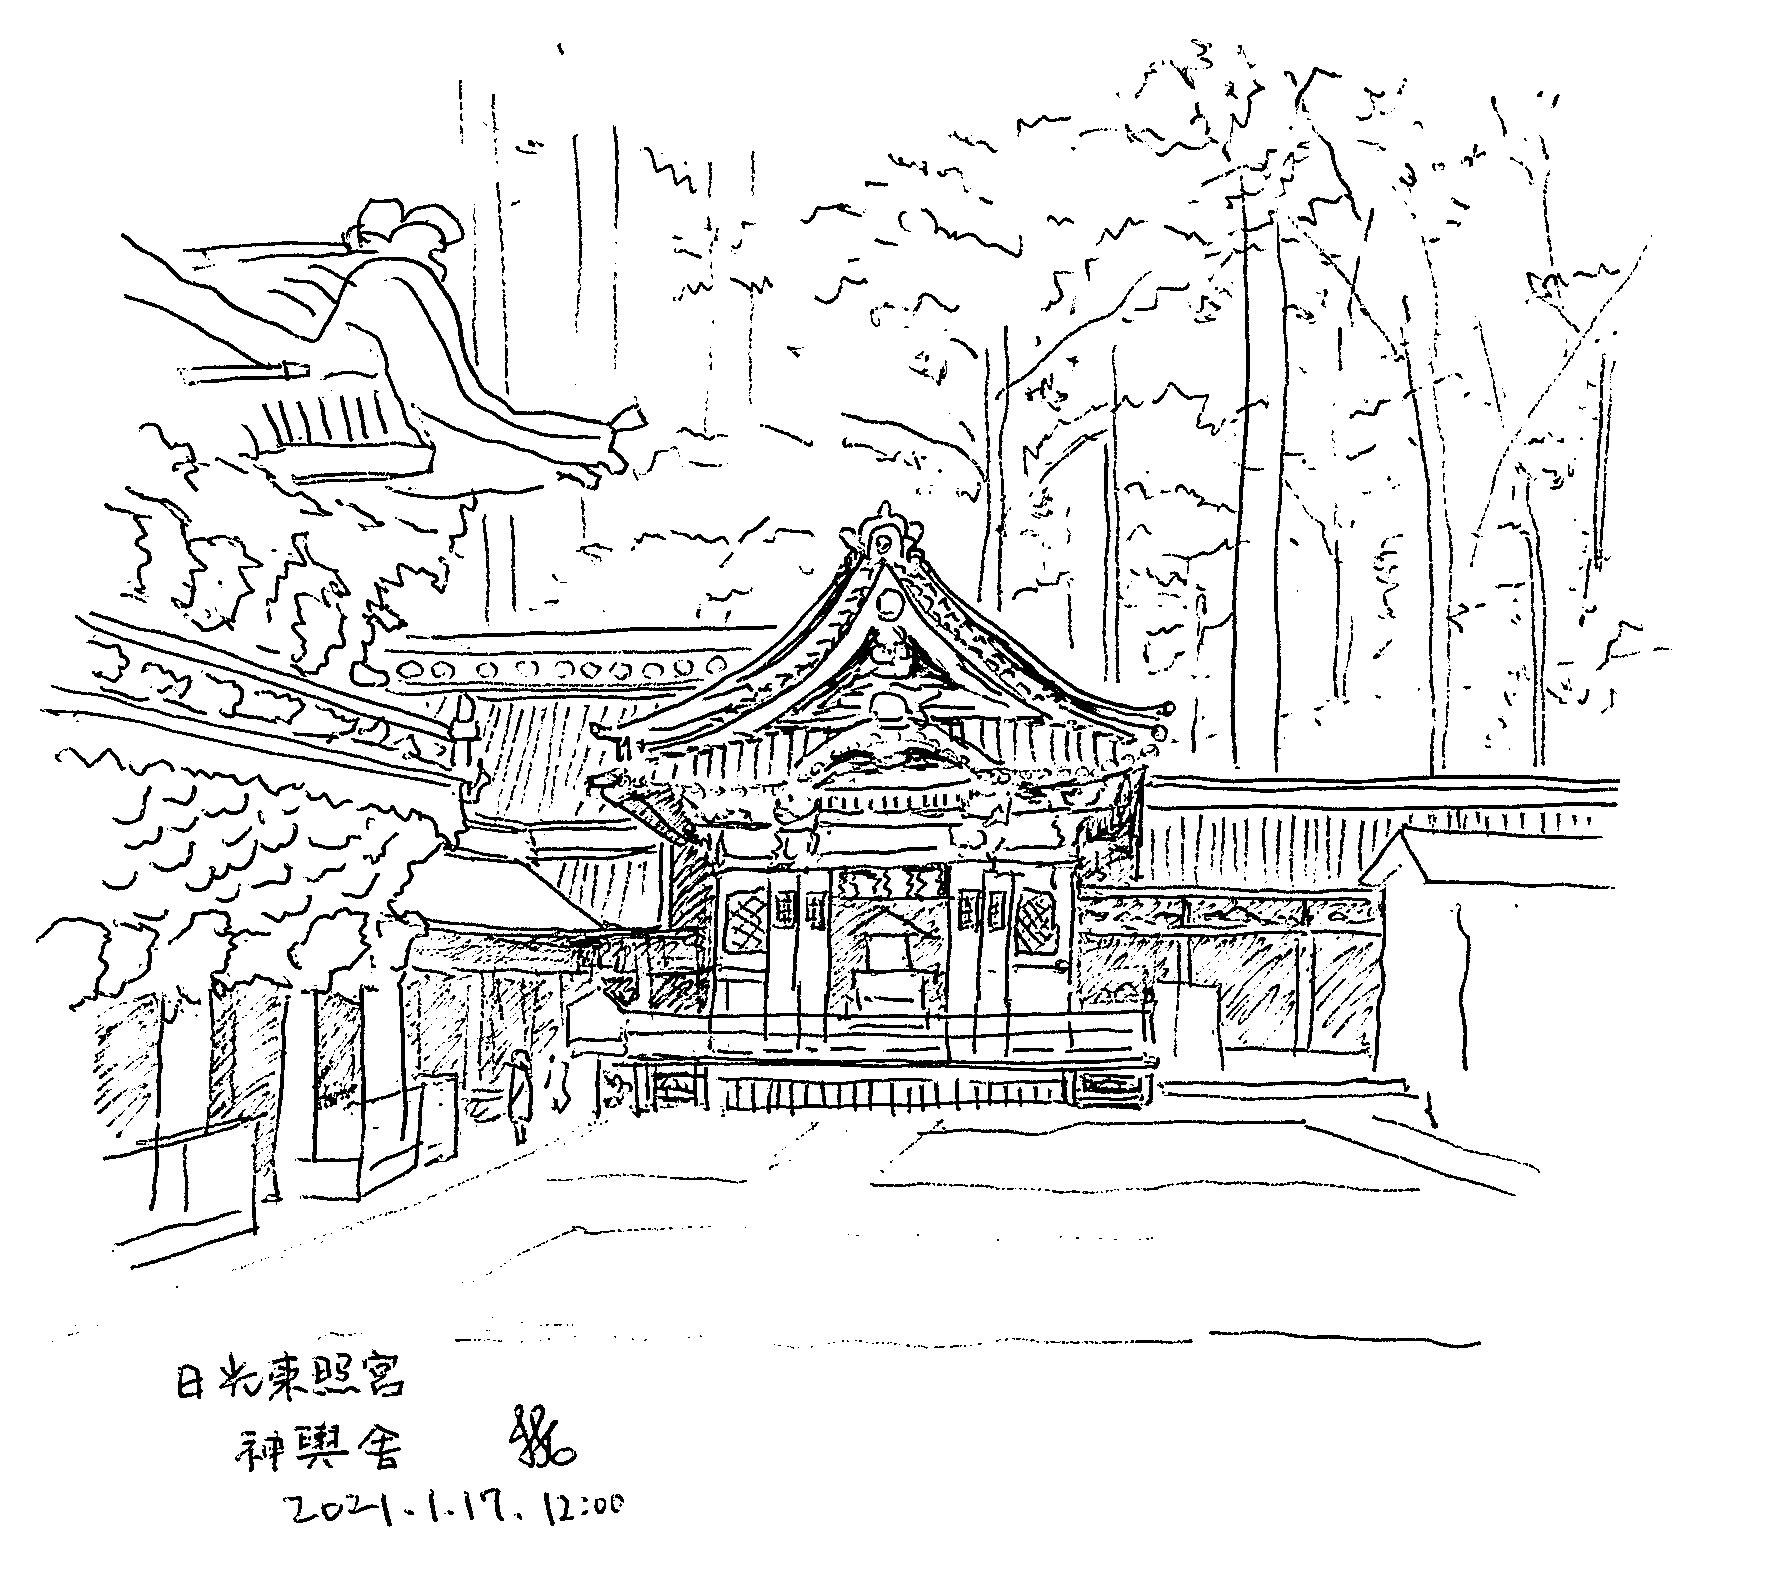 日光東照宮神輿舎